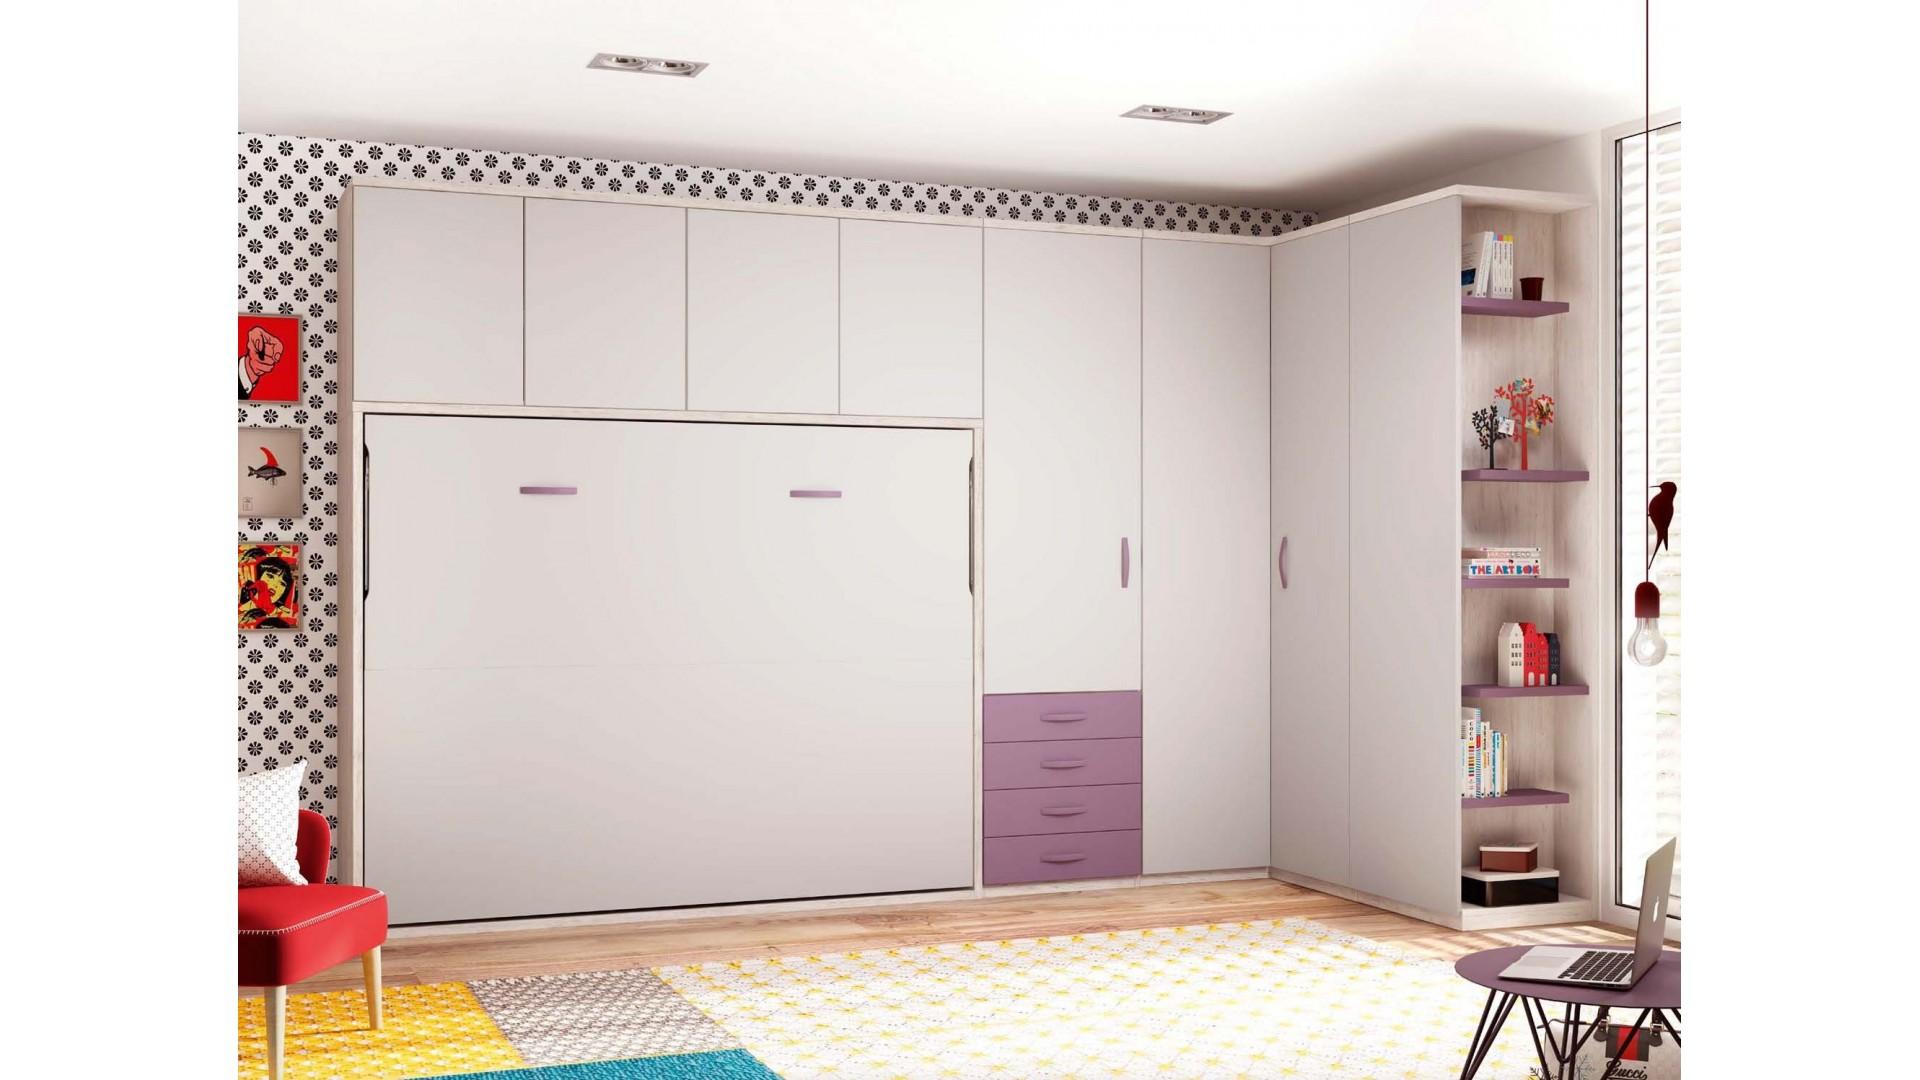 lit armoire pour 2 personnes avec rangement - glicerio - so nuit